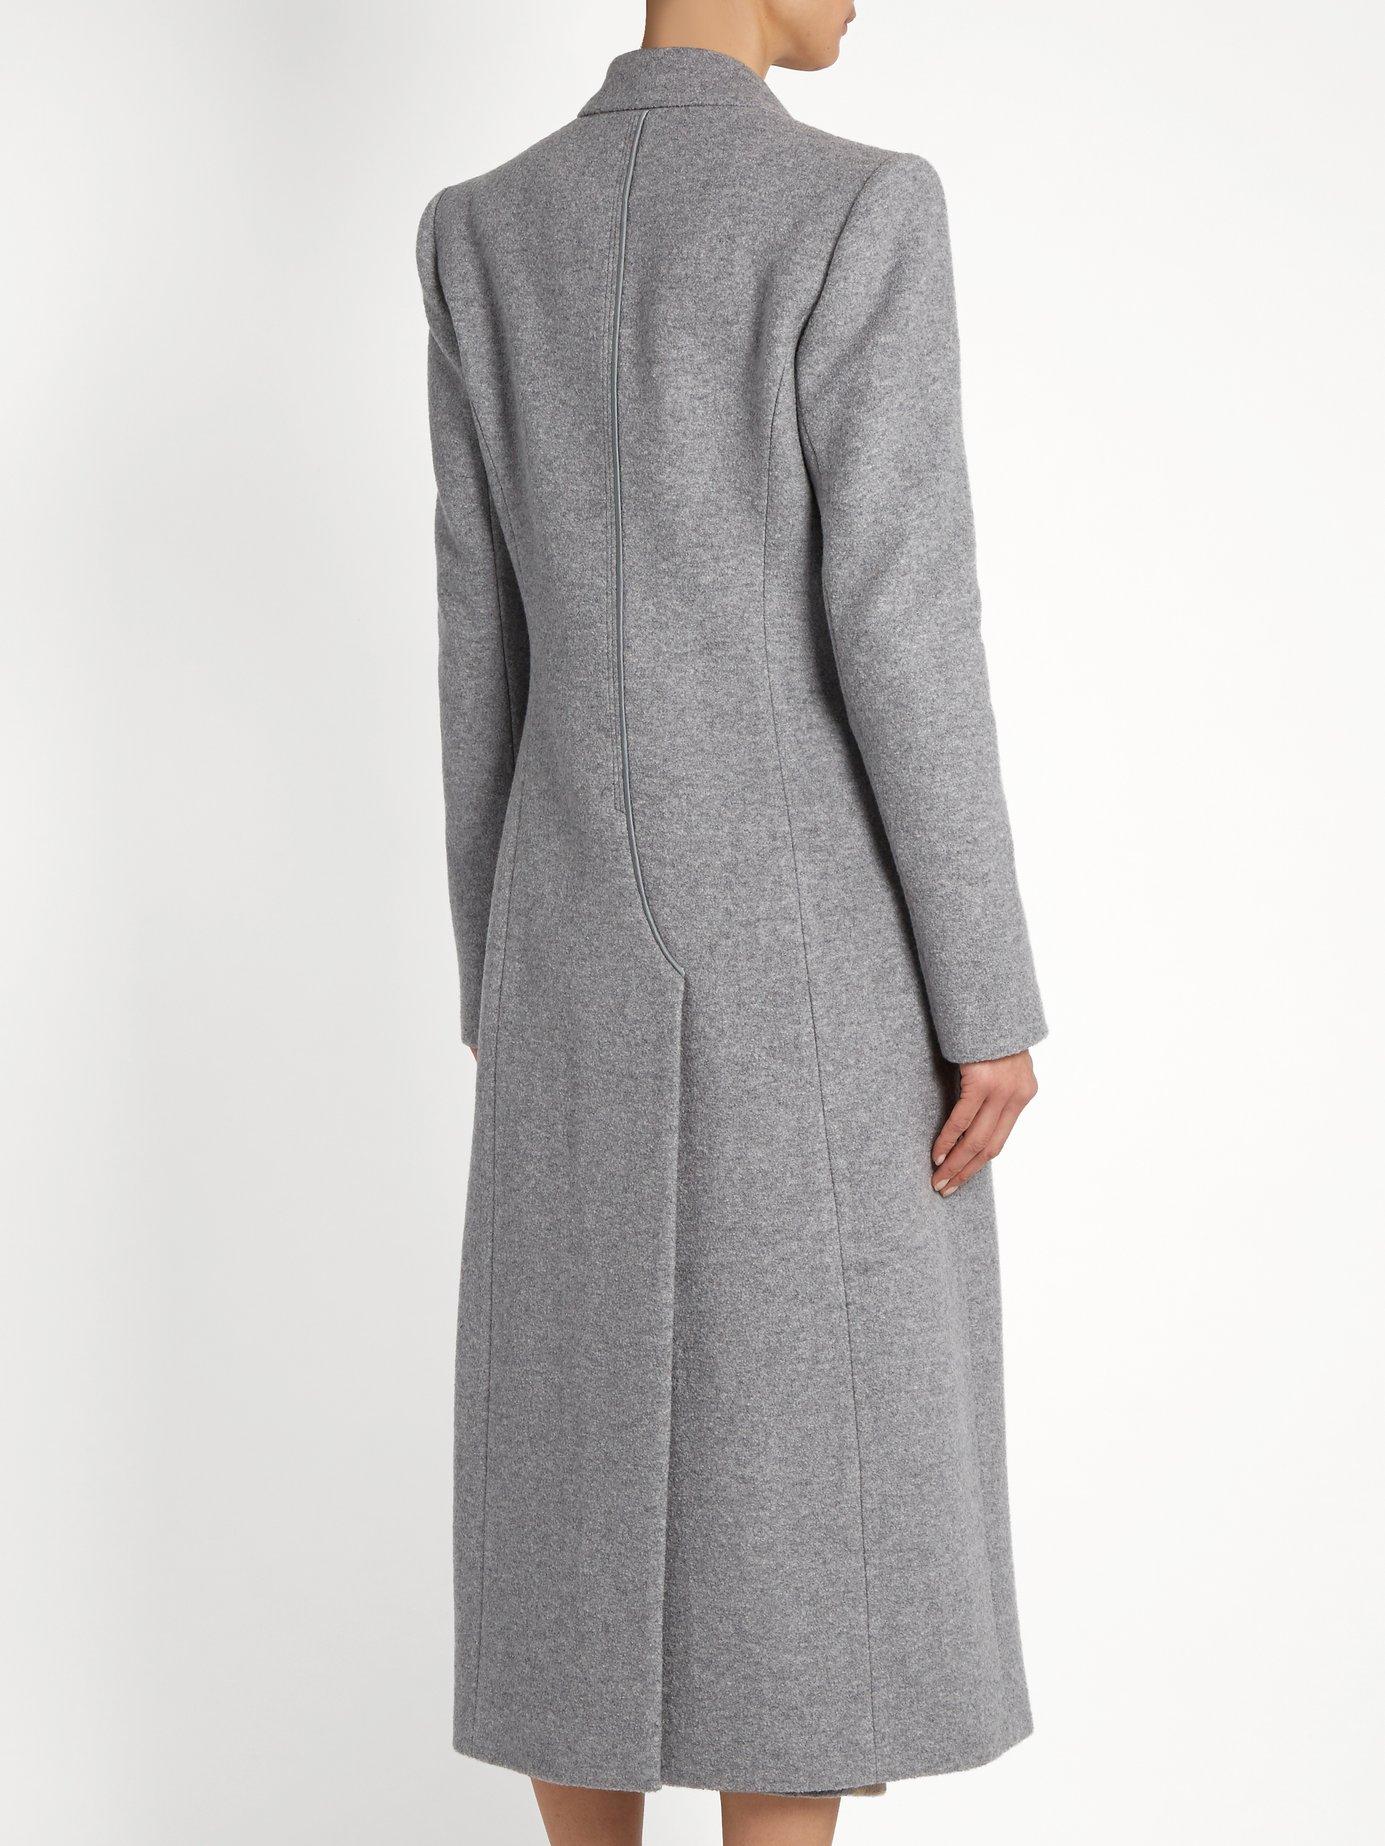 Long Masera peak-lapel wool-blend coat by Carl Kapp